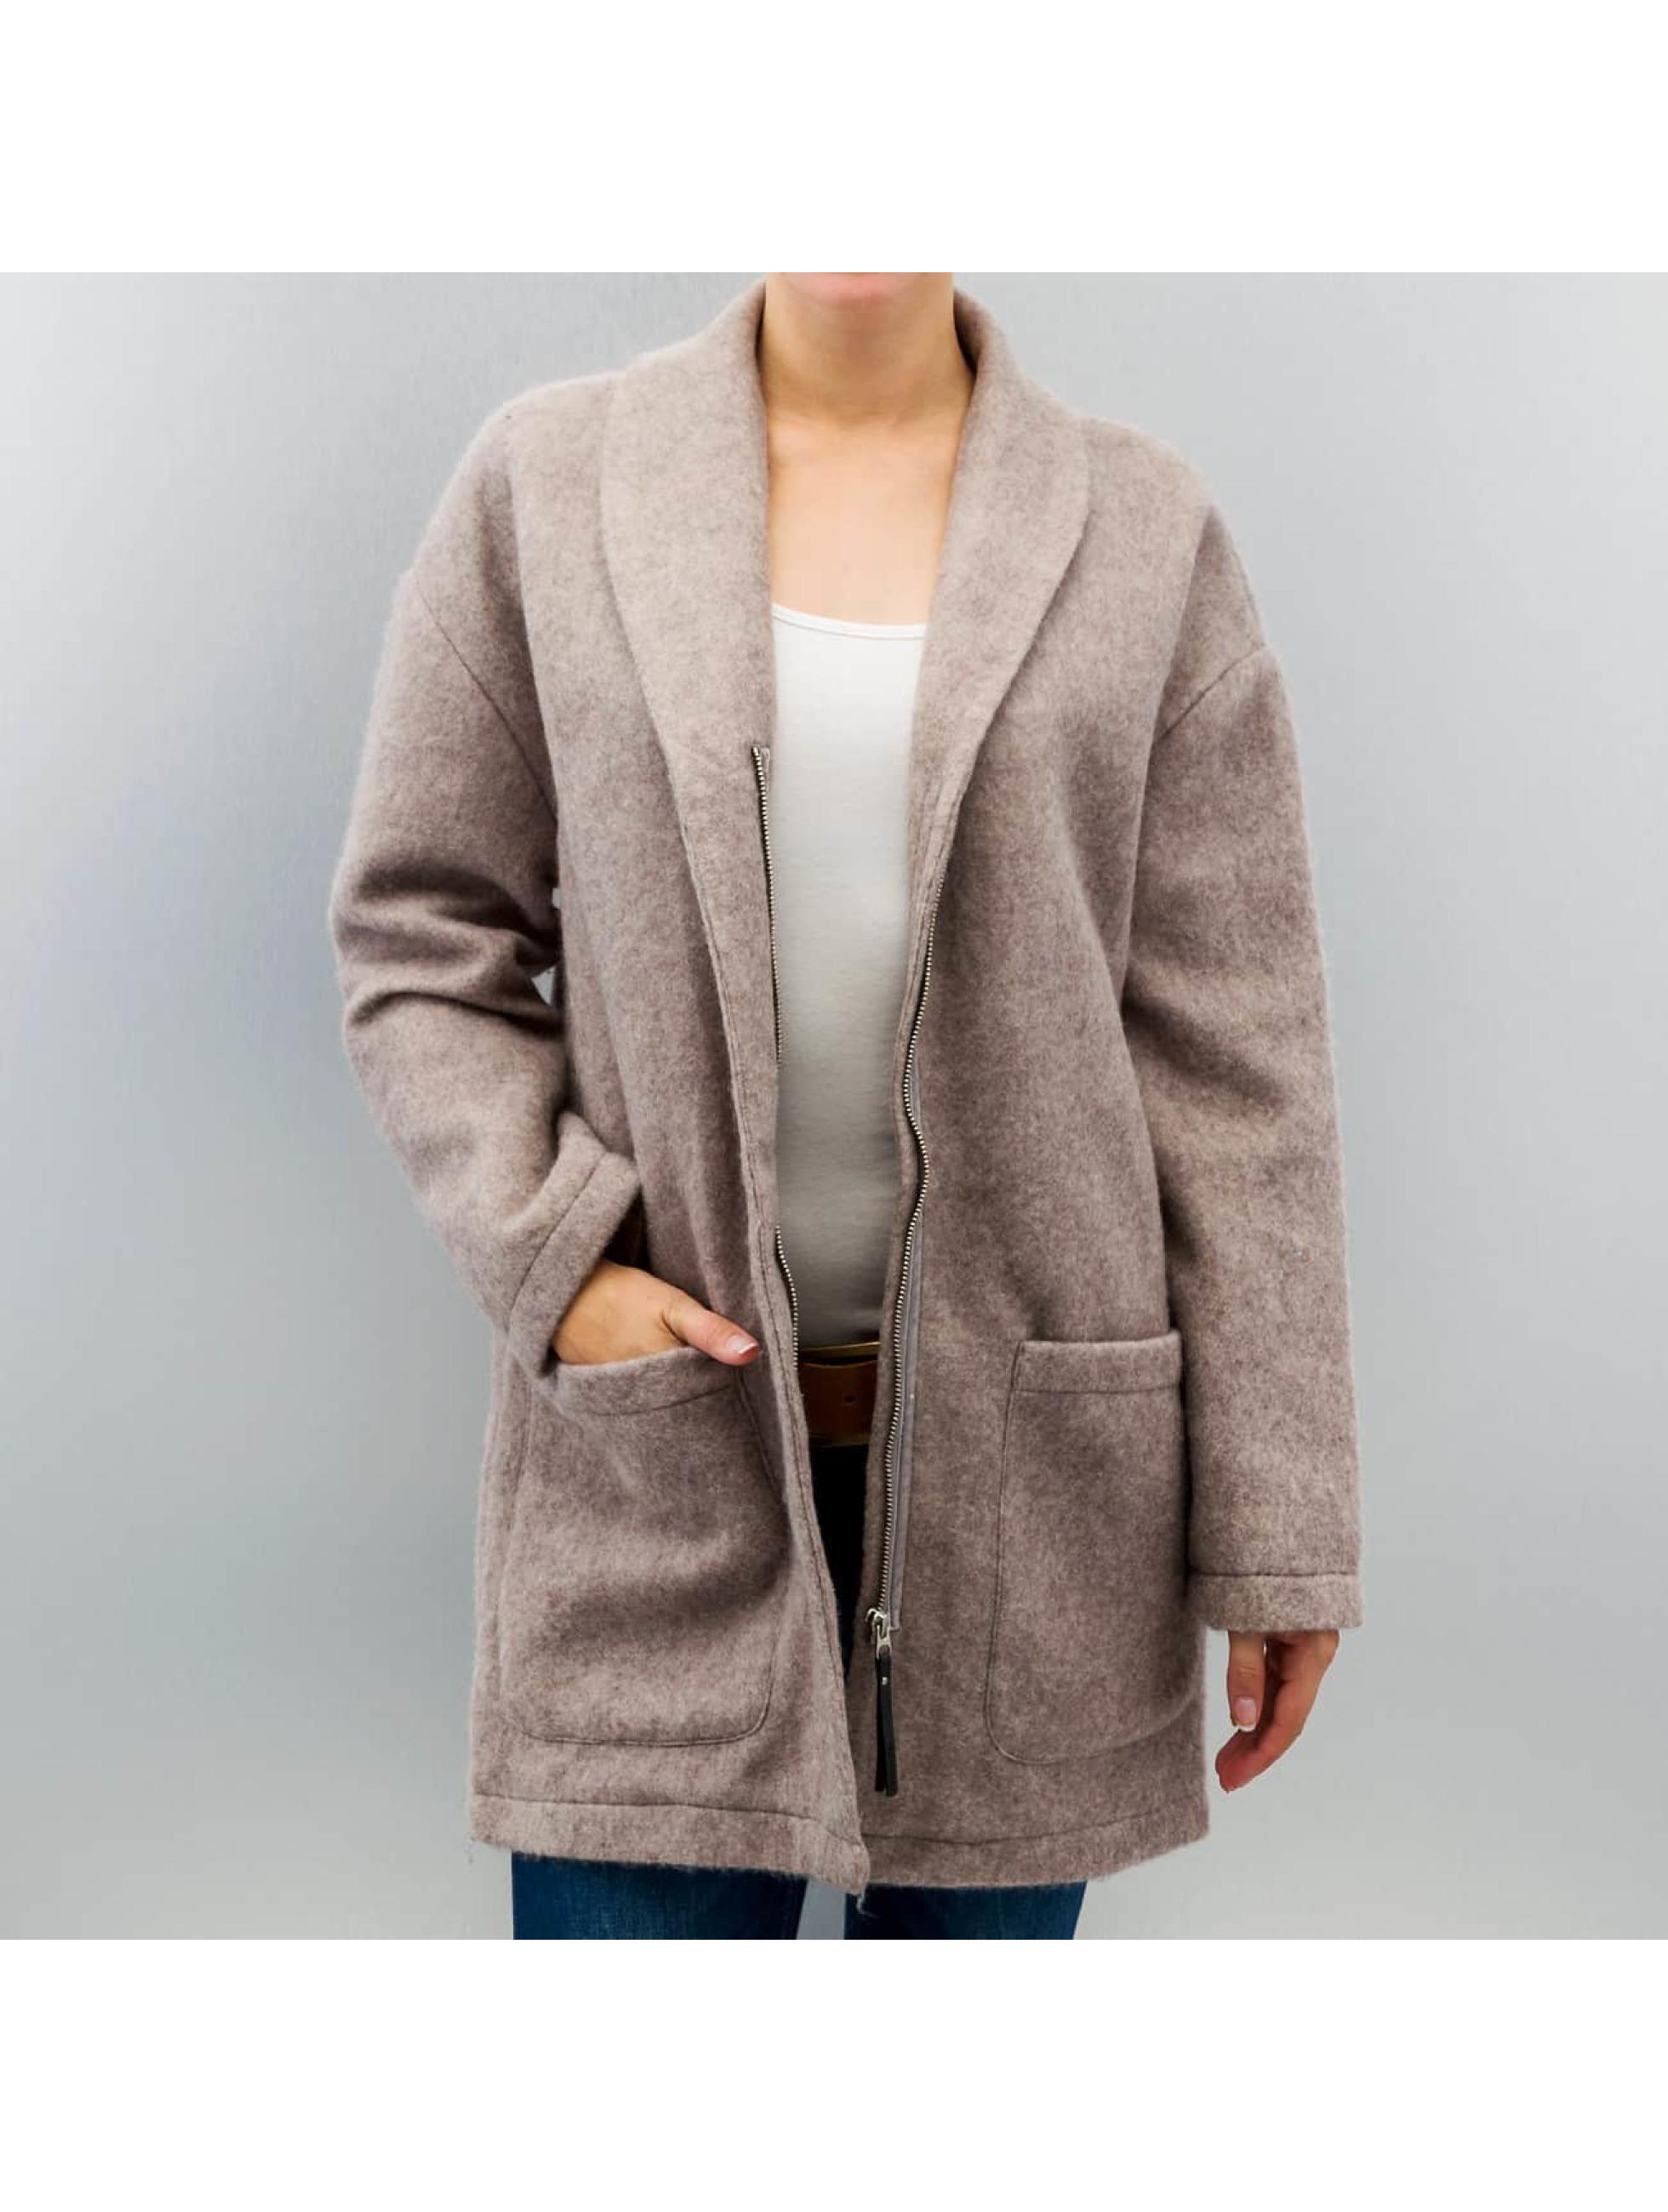 Mantel Aylin in grau